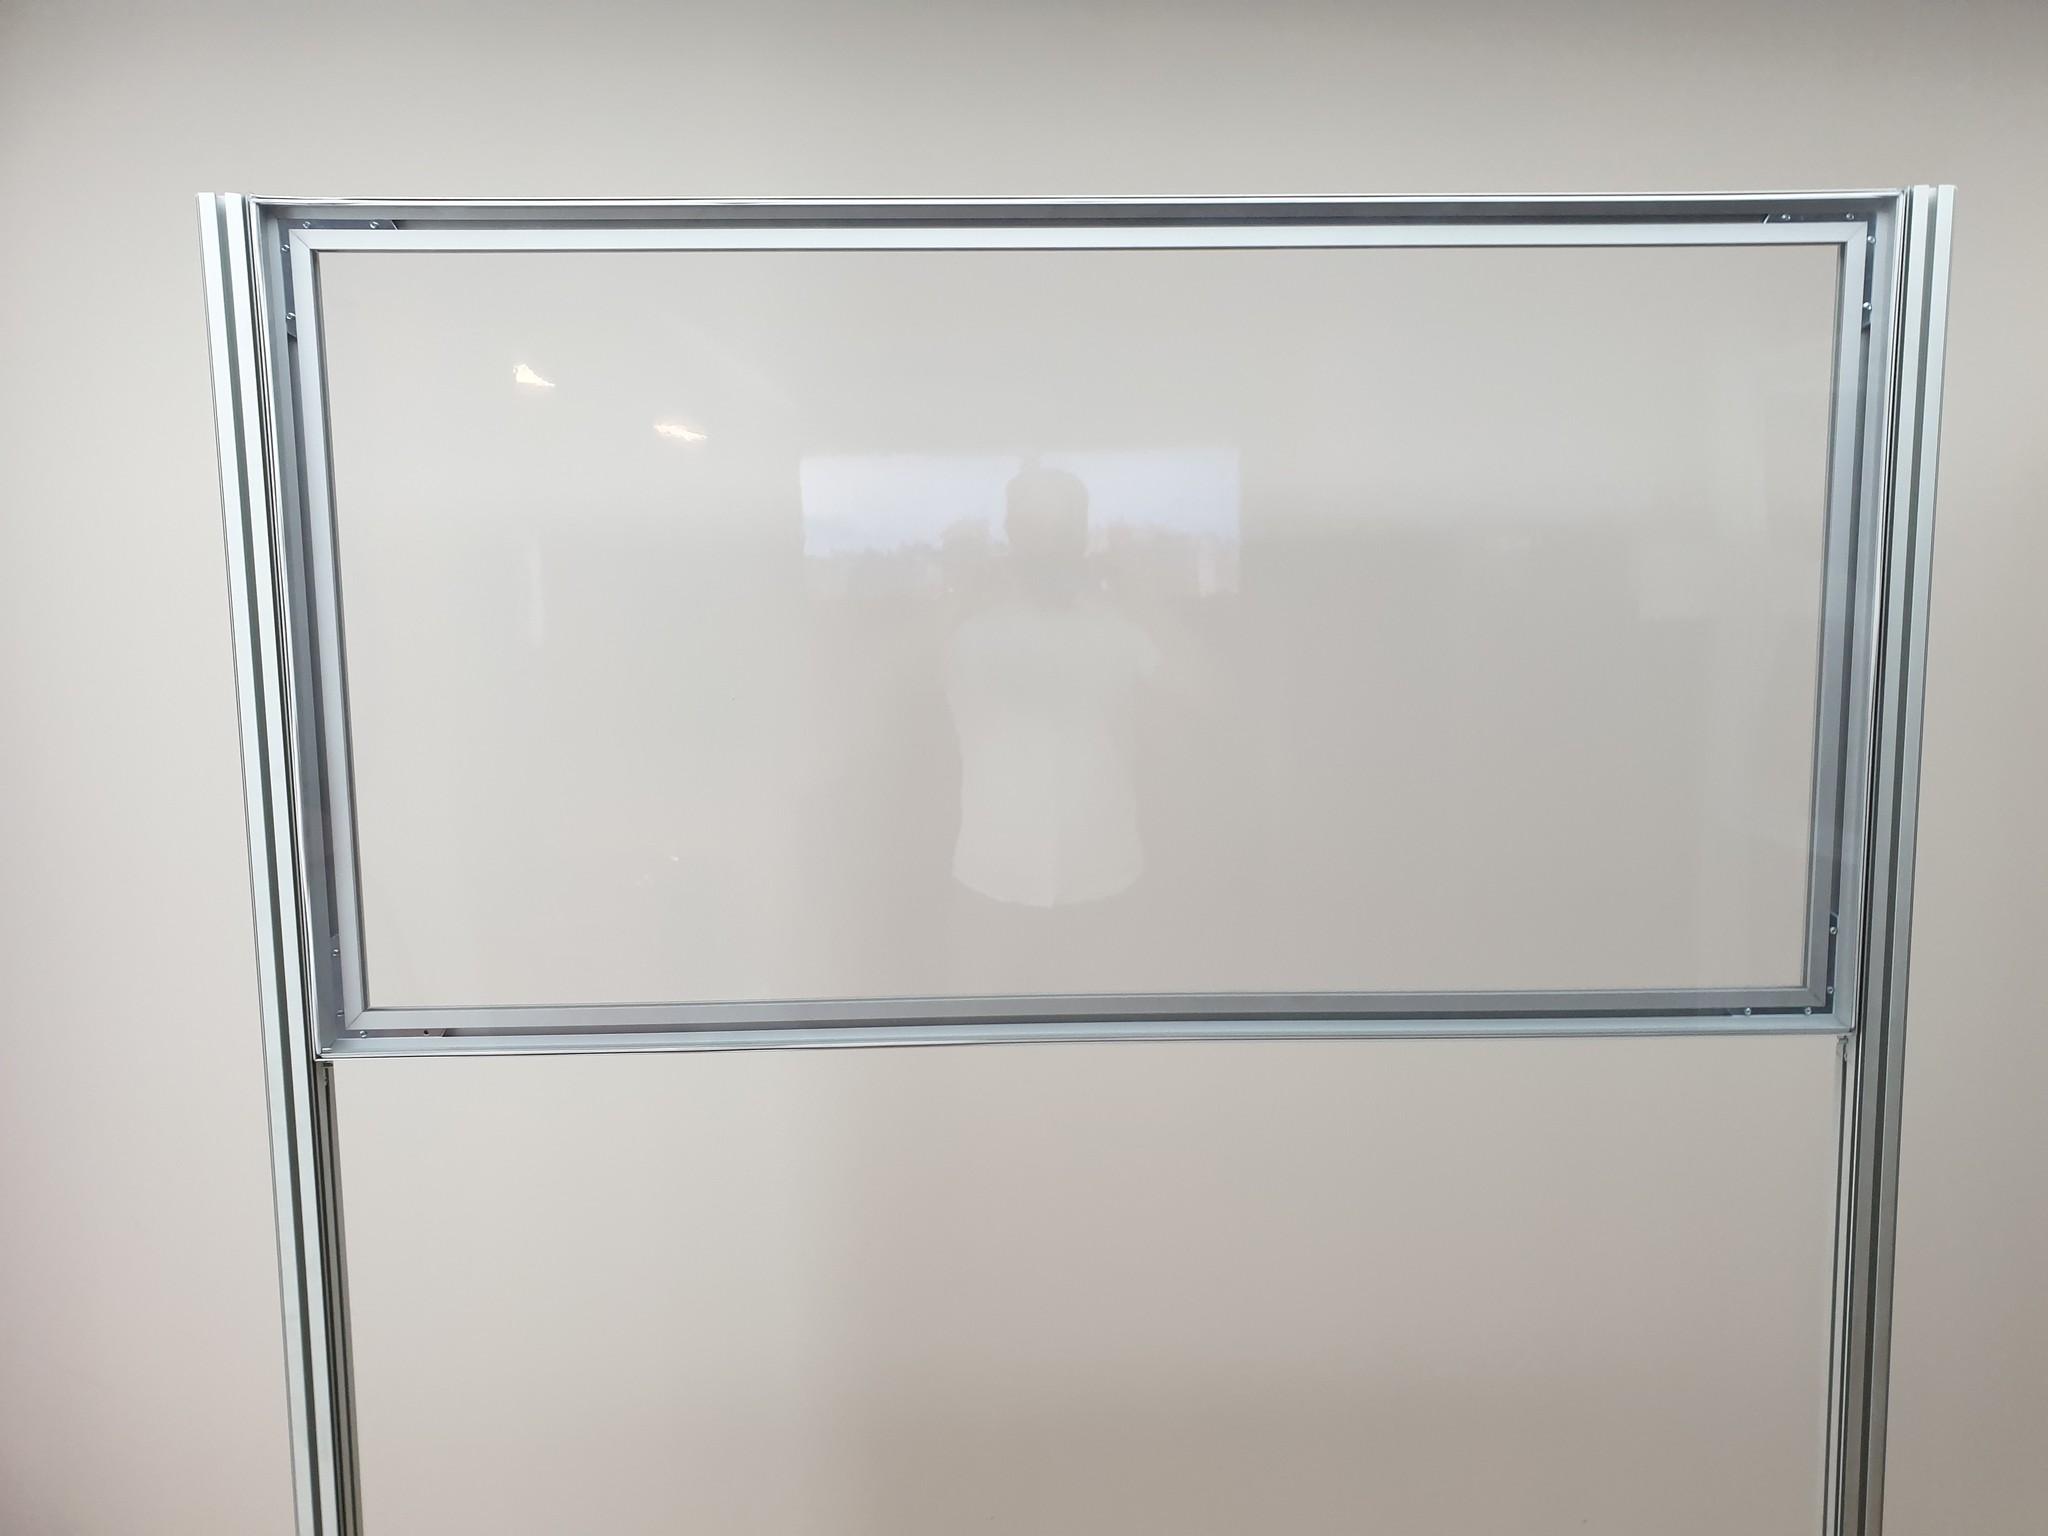 2d Balie model transparant doek